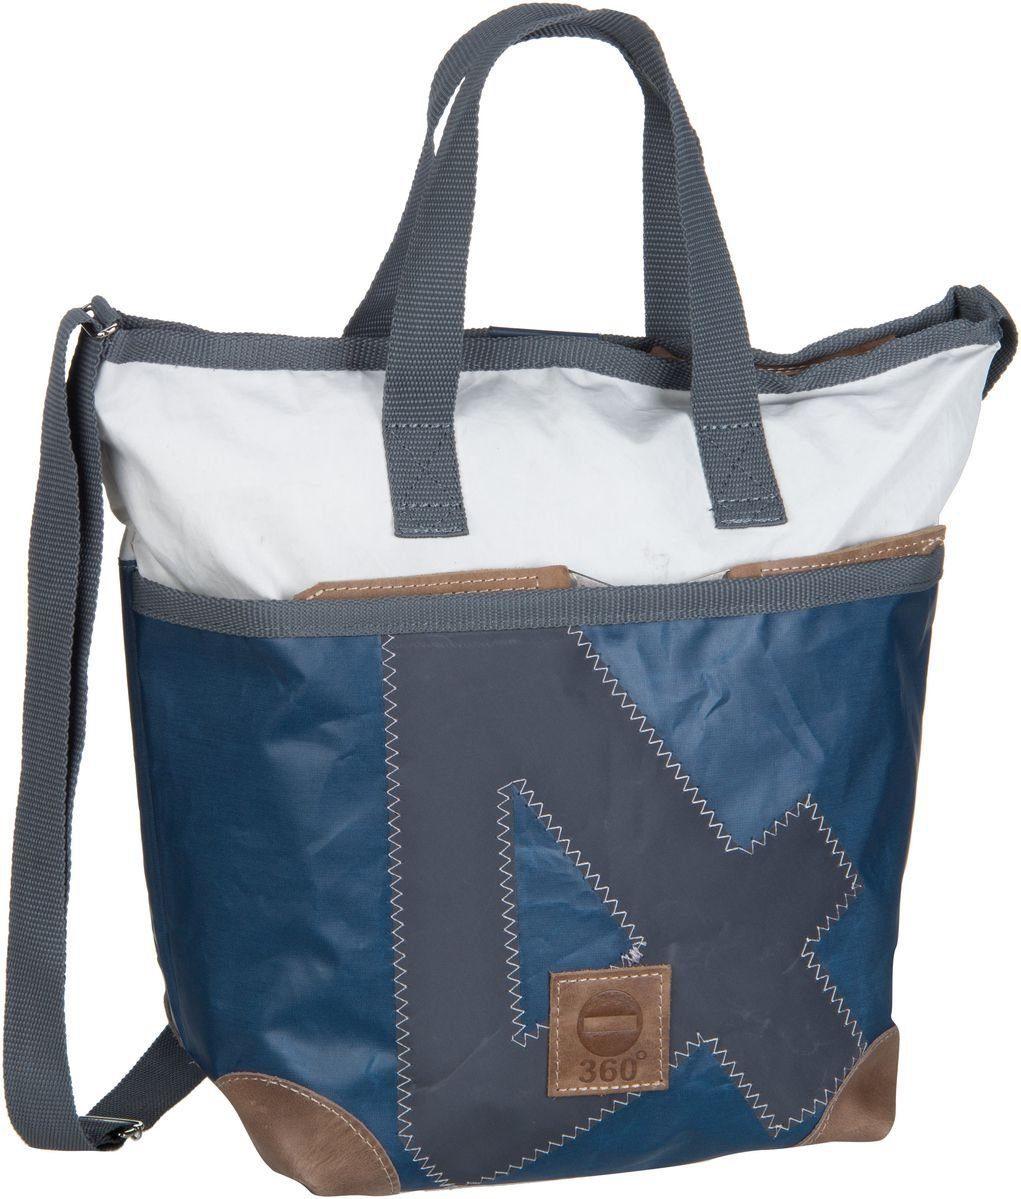 Schultertaschen Stetig 2019 Neue Berühmte Tasche Mode Braun Für Frauen Pu Leder Handtasche Kurze Schulter Tasche Große Kapazität Luxus Handtaschen Tote Design Tasche